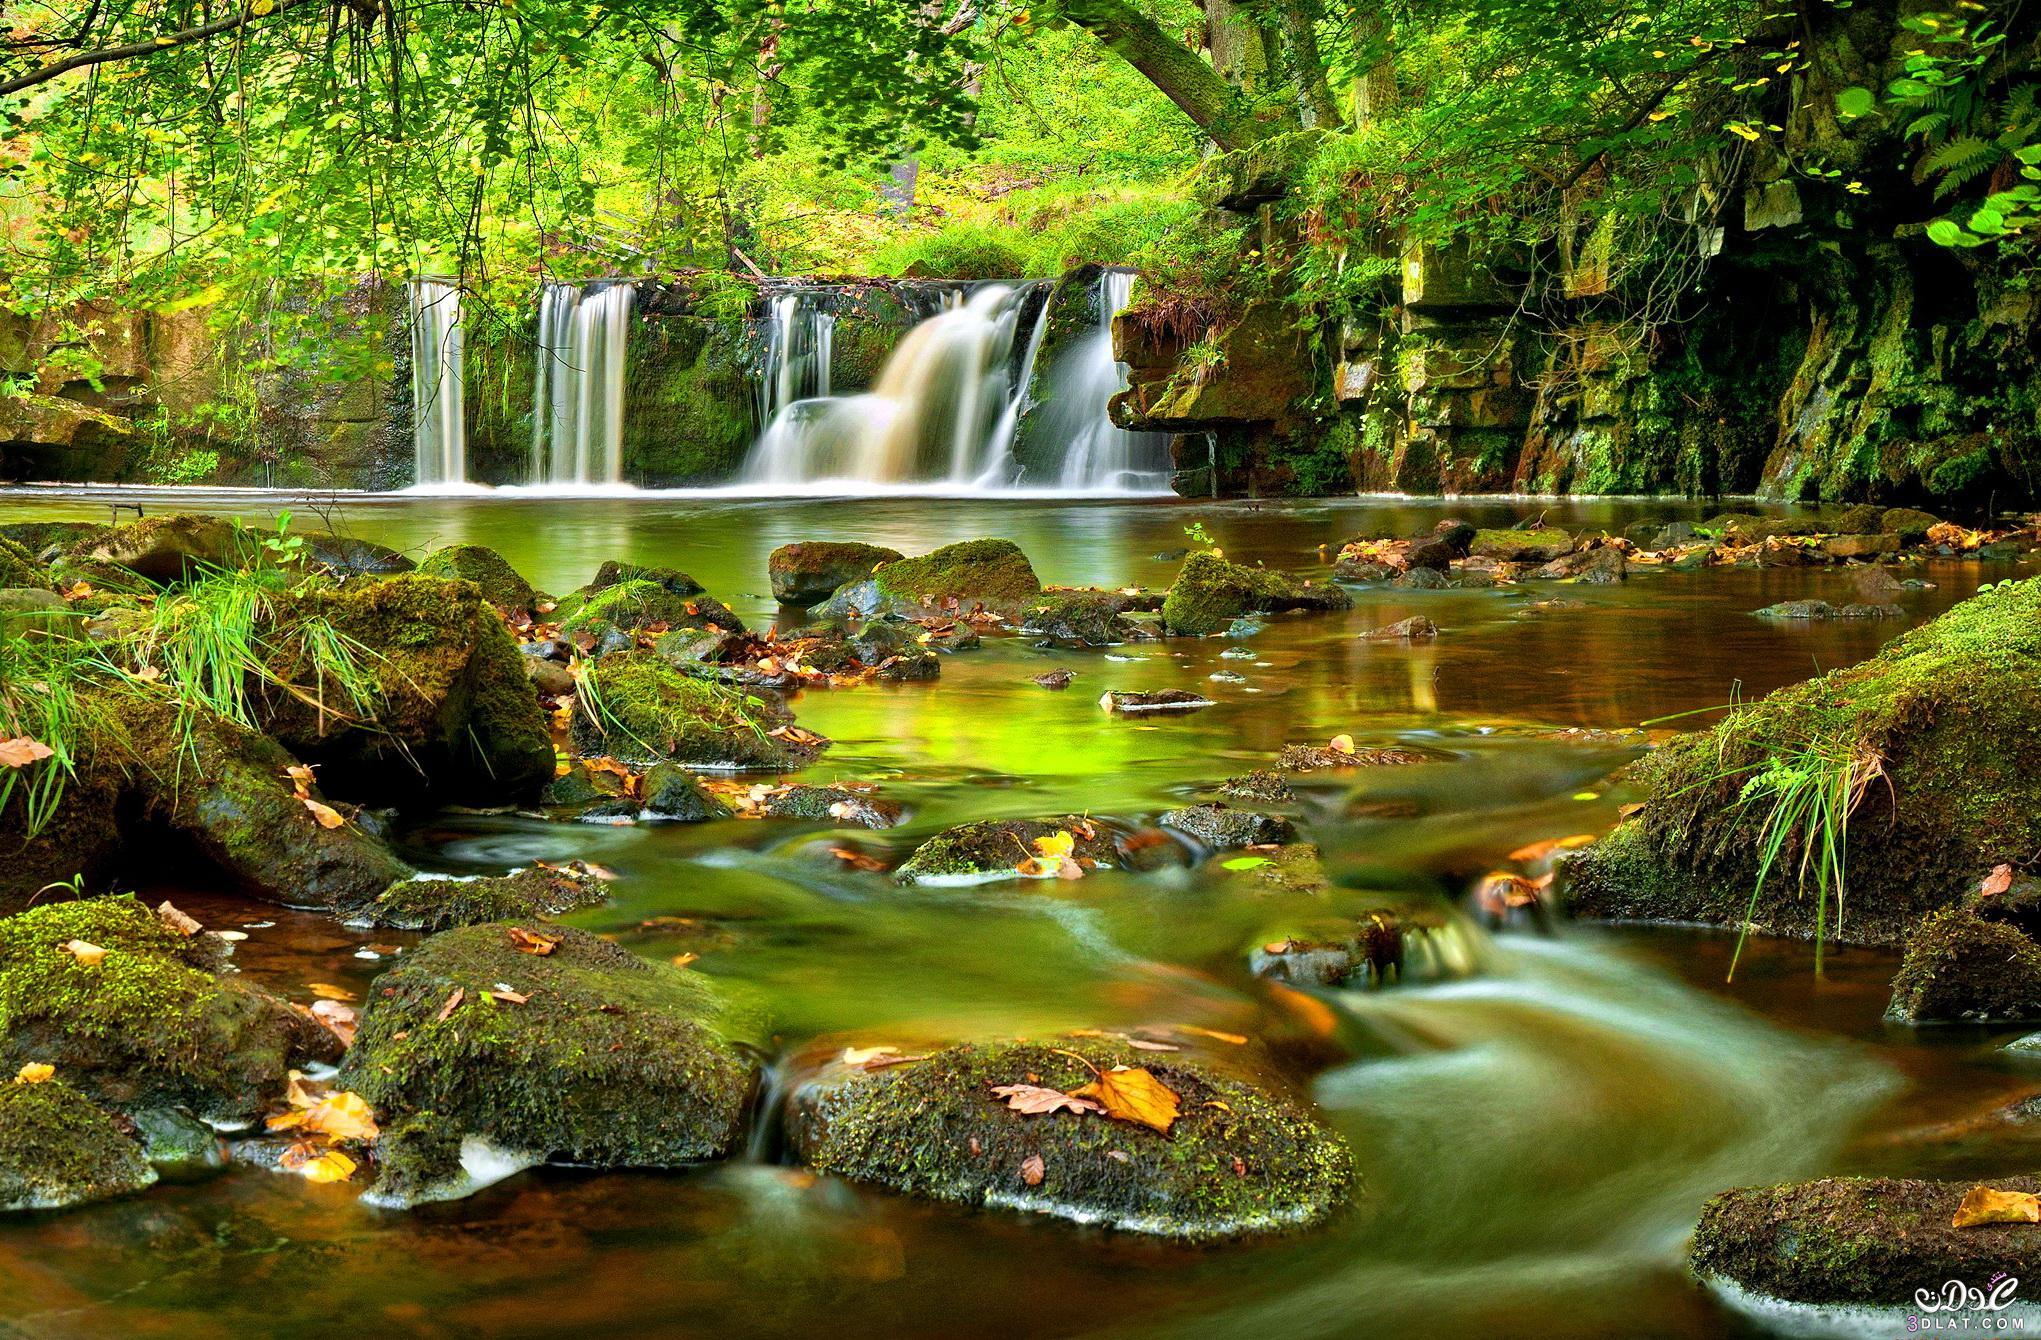 بالصور اجمل صور الطبيعة , اجمل صور الطبيعه الساحره 220 5